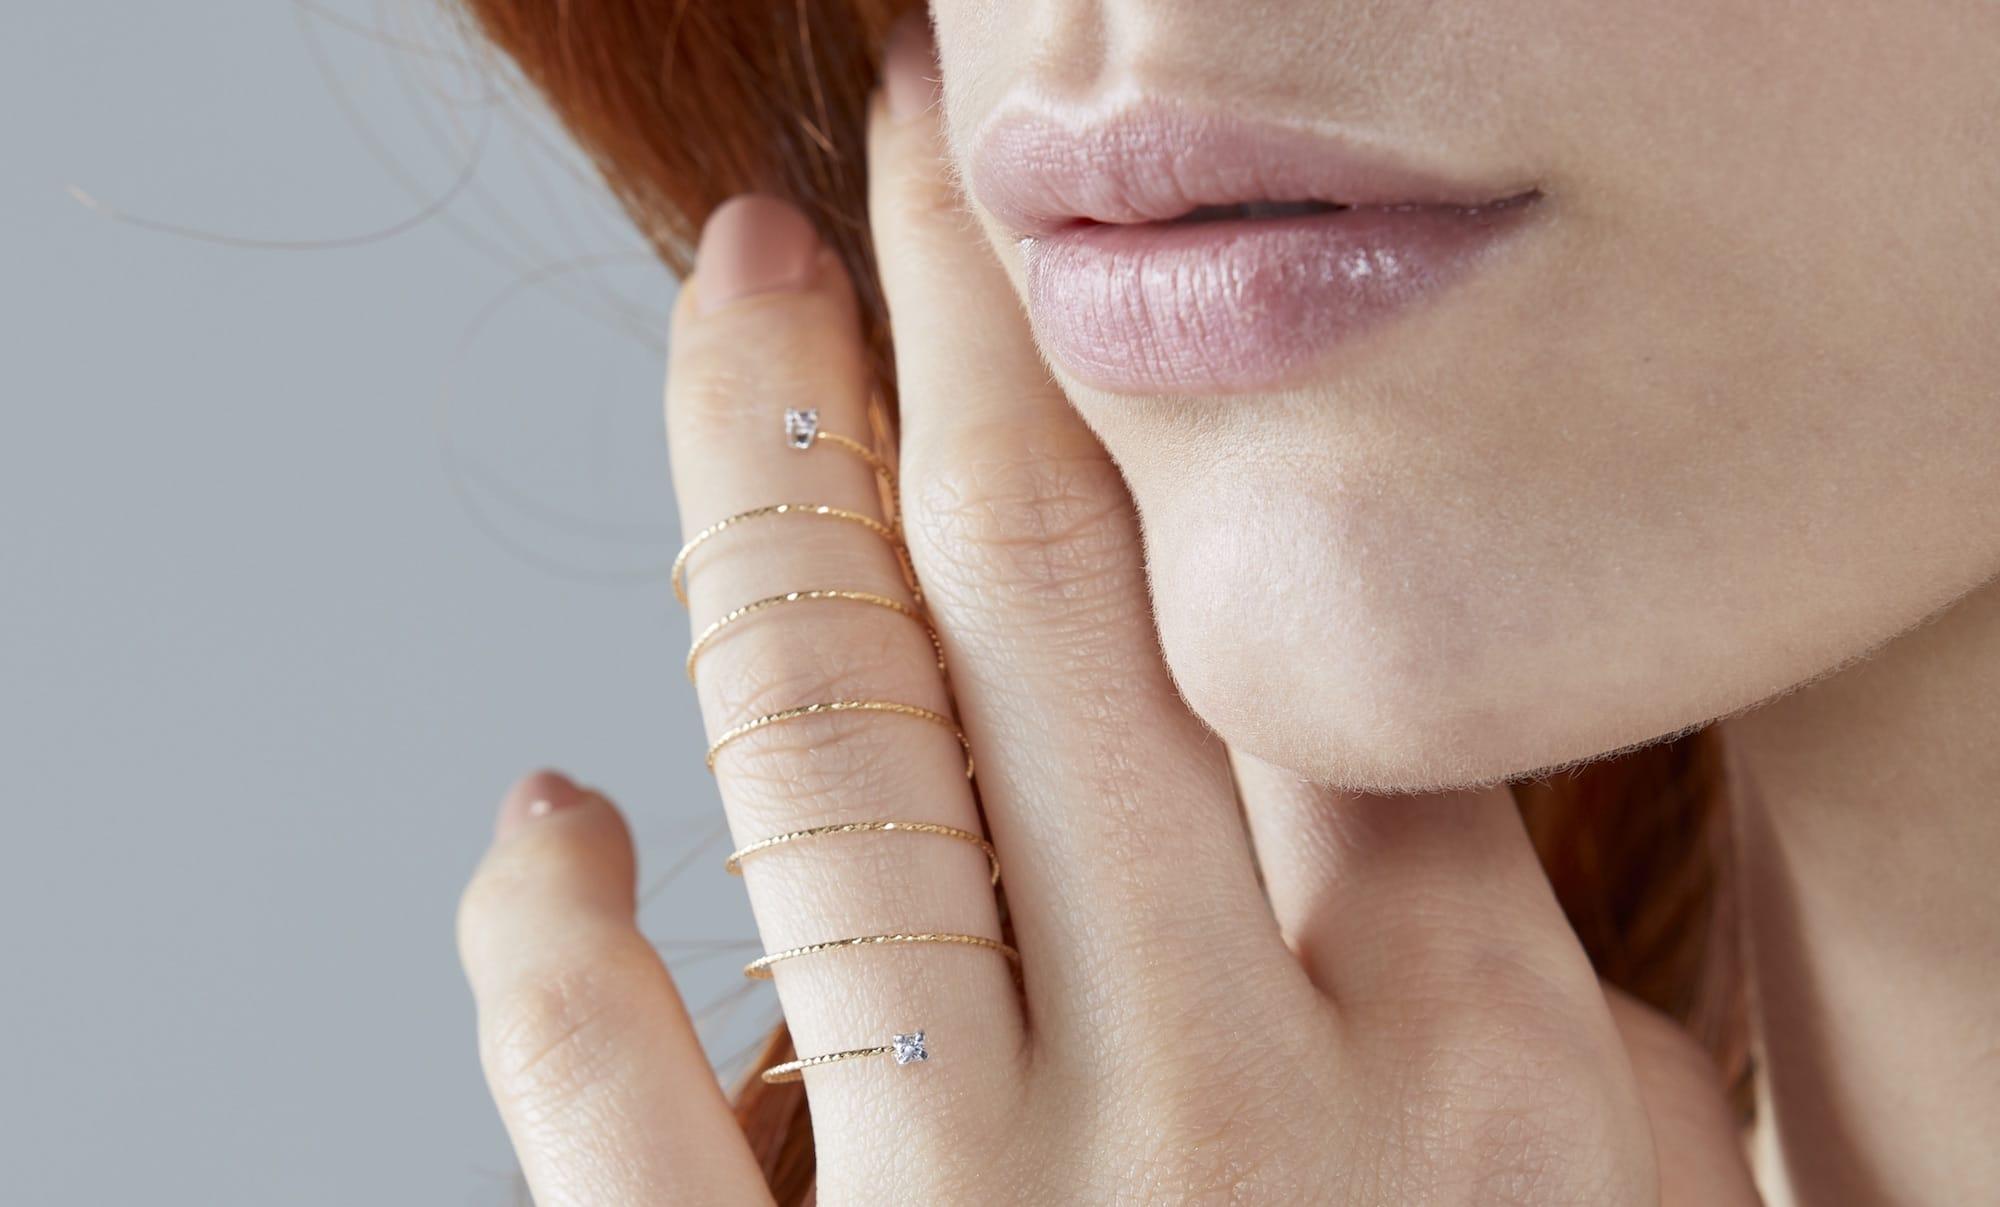 Silenzio anillo oro espiral zafiro - comprar online anillos juveniles - anillos modernos - joyeria marga mira